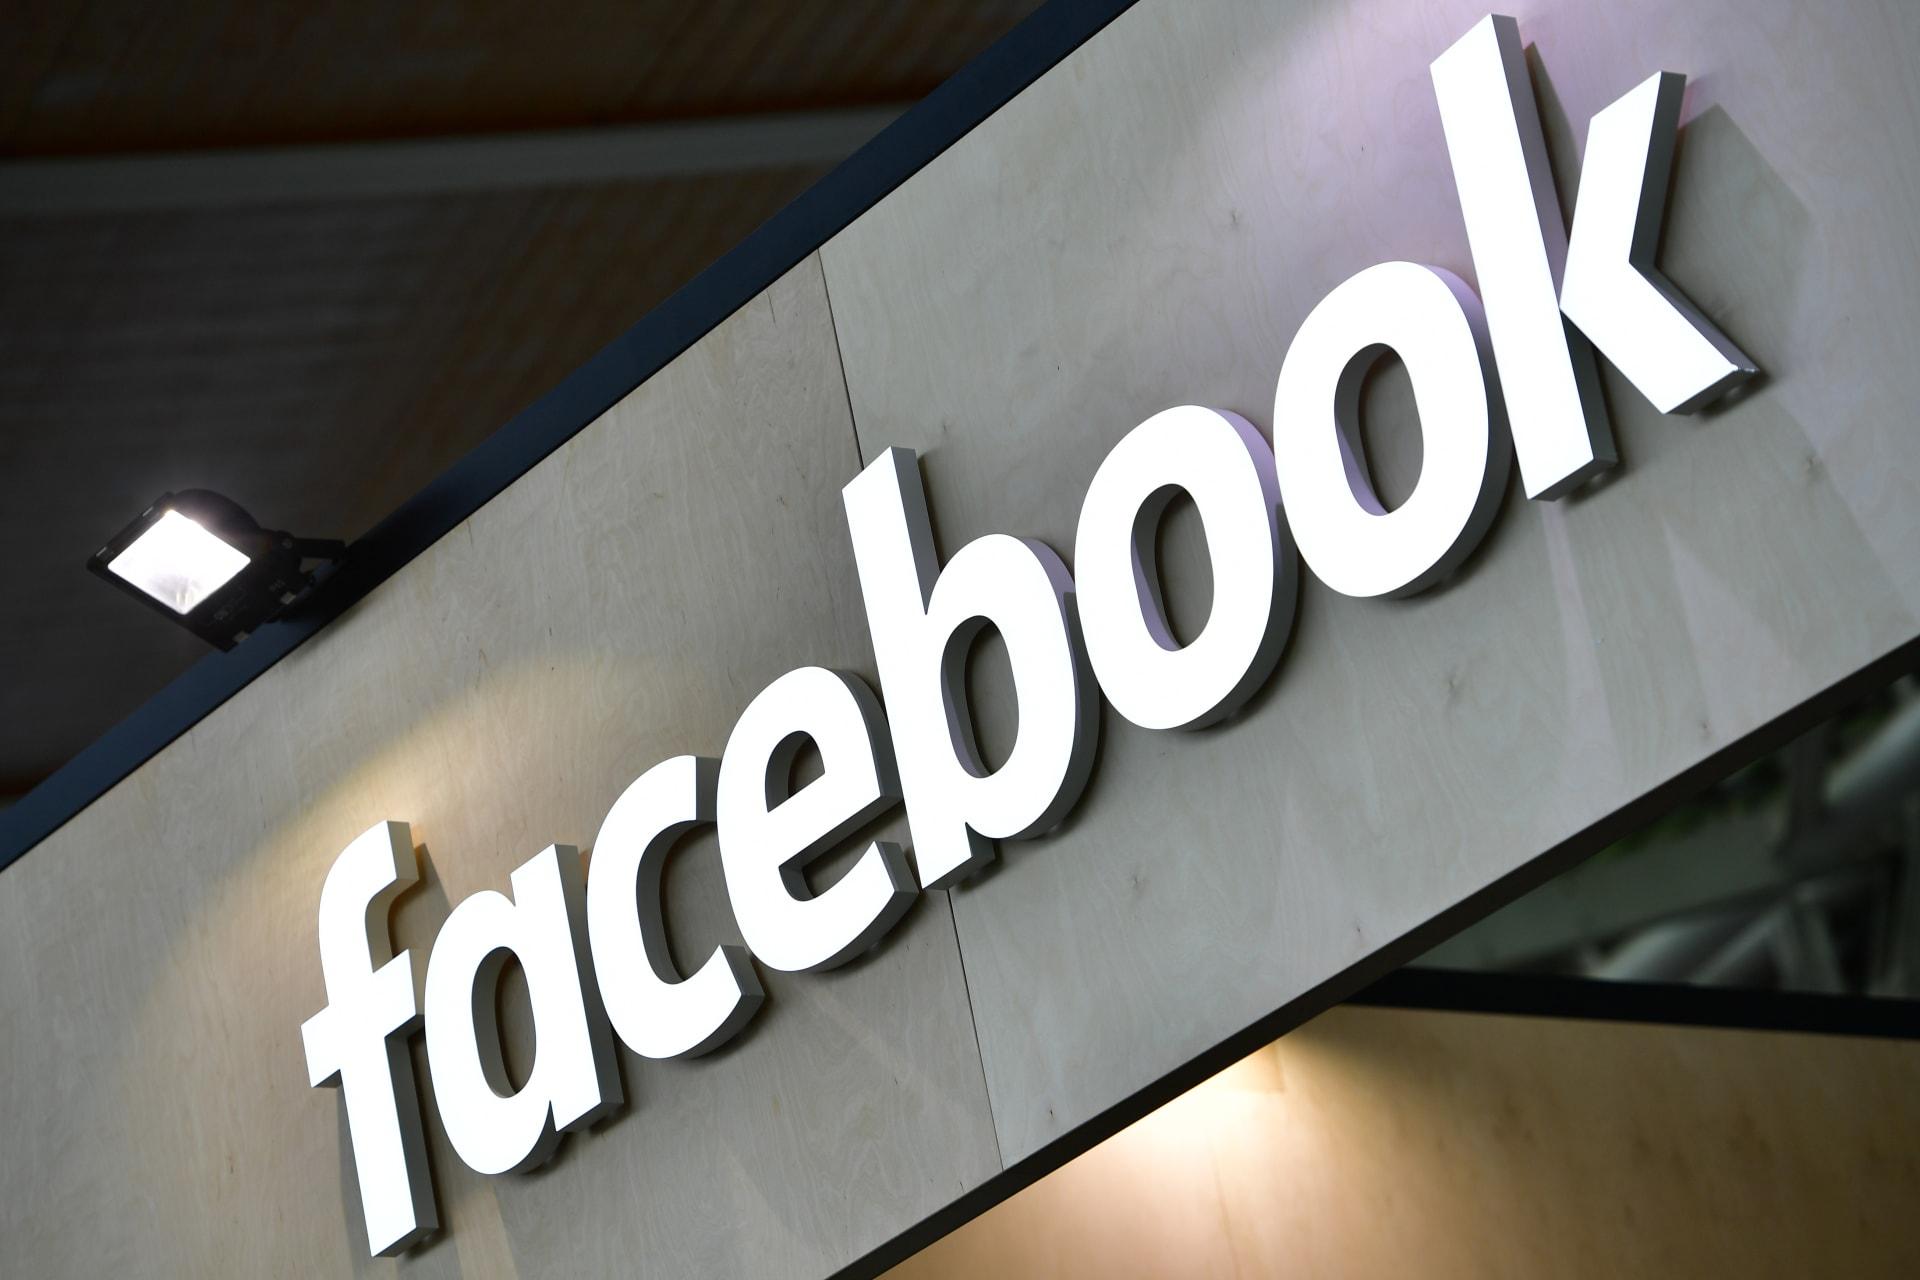 فيسبوك تمنح موظفيها مكافأة 1000 دولار لدعمهم أثناء تفشي فيروس كورونا